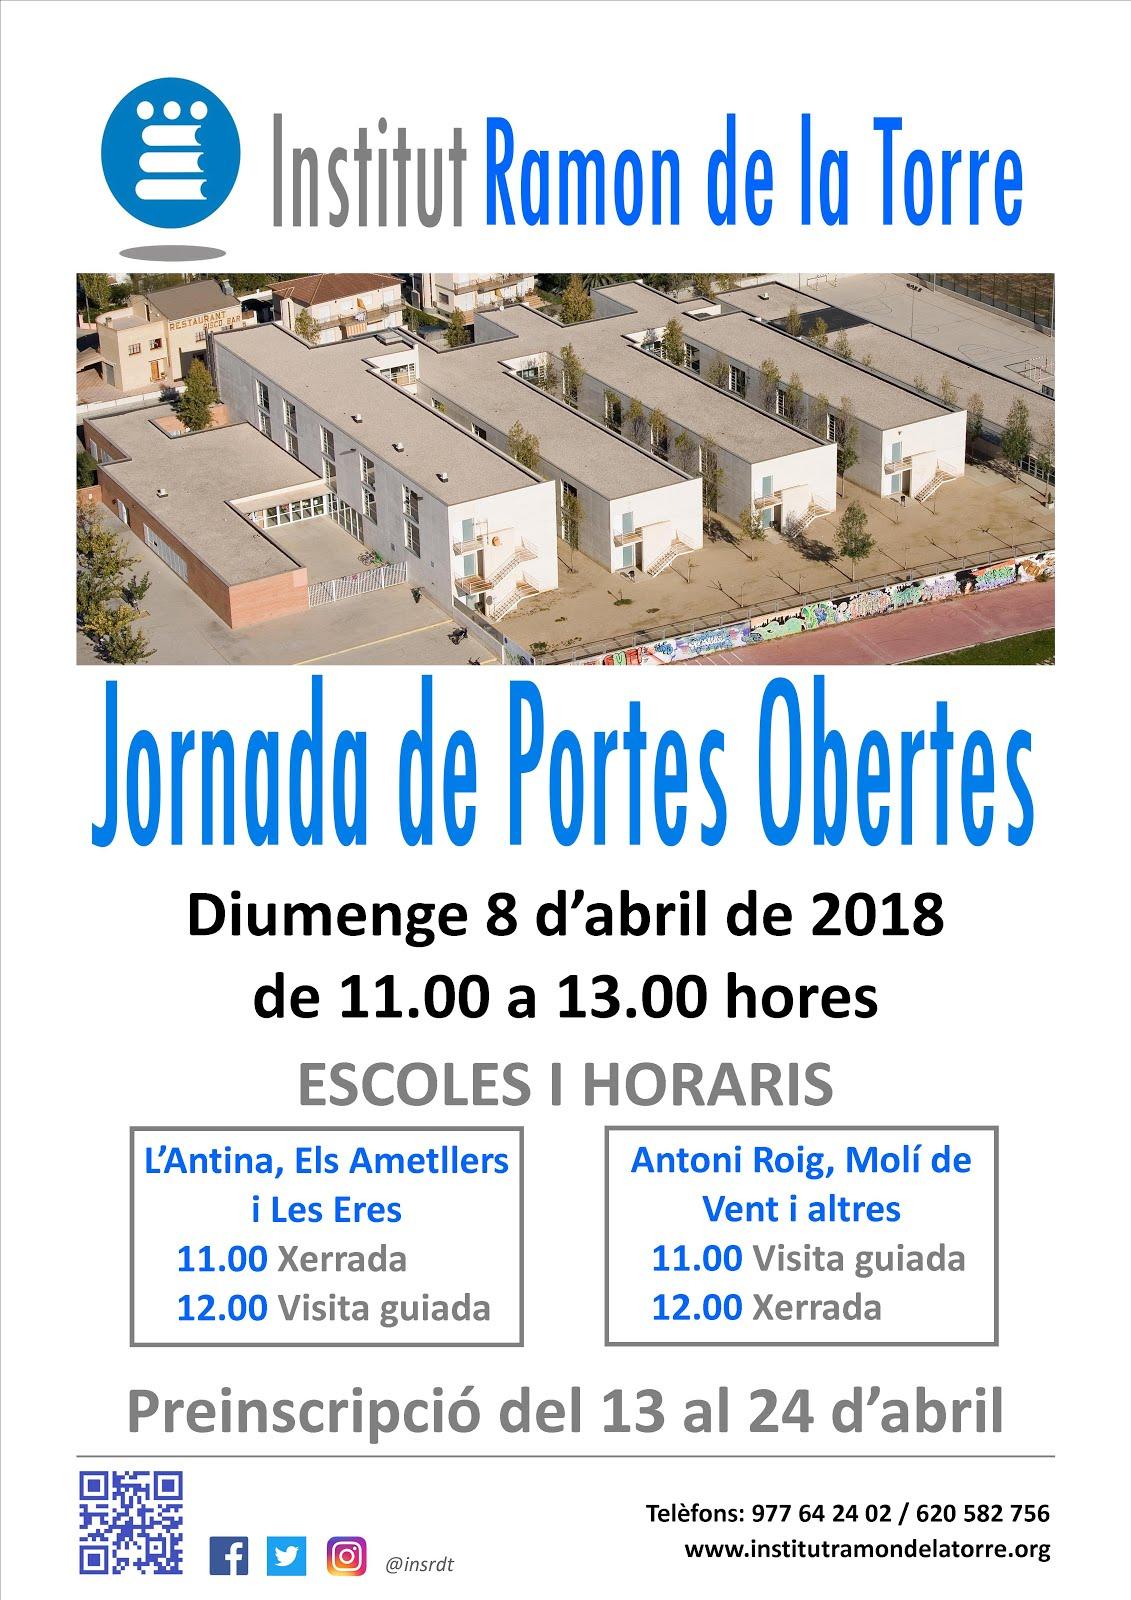 JORNADA DE PORTES OBERTES